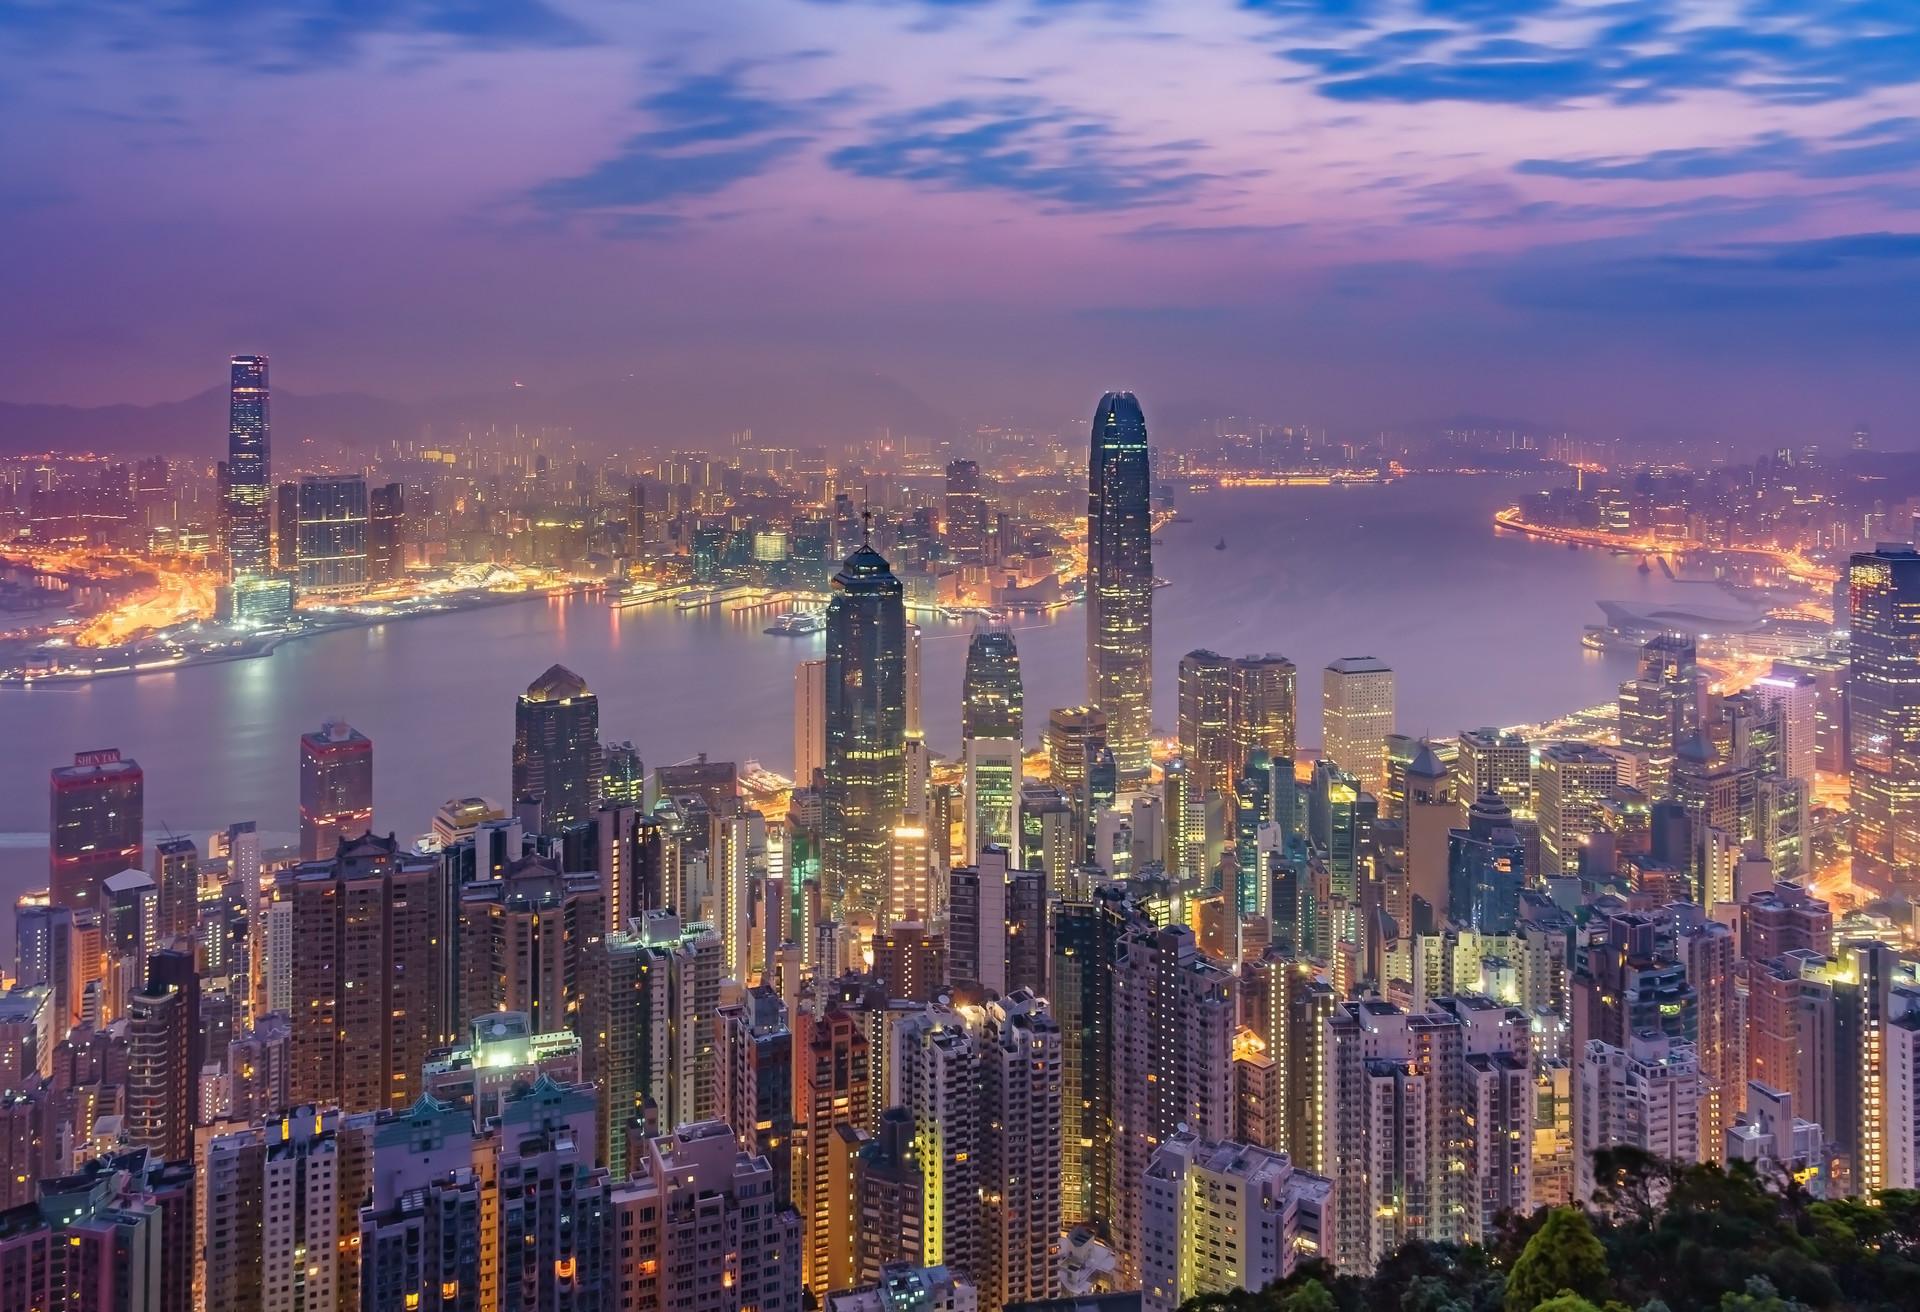 La gran ciudad de Hong Kong